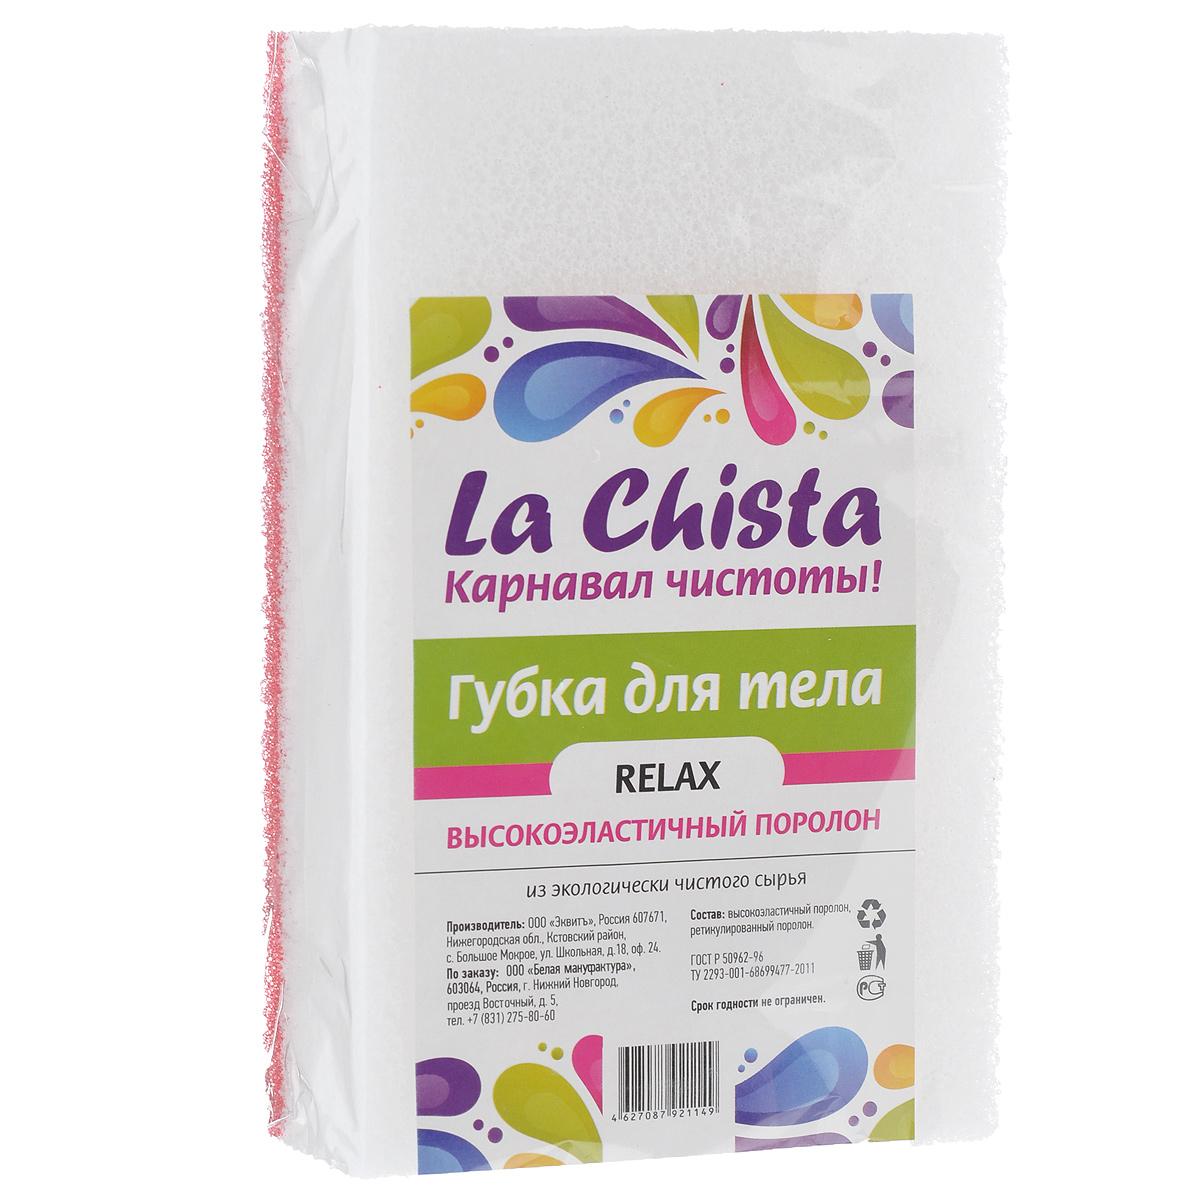 Губка для тела La Chista Релакс, 16 х 10 х 5 см870192Губка для тела La Chista Релакс изготовлена из мягкого экологически чистого поролона. Пористая структура губки создает воздушную пену даже при небольшом количестве геля для душа. Эффективно очищает и массирует кожу, улучшая кровообращение и повышая тонус.